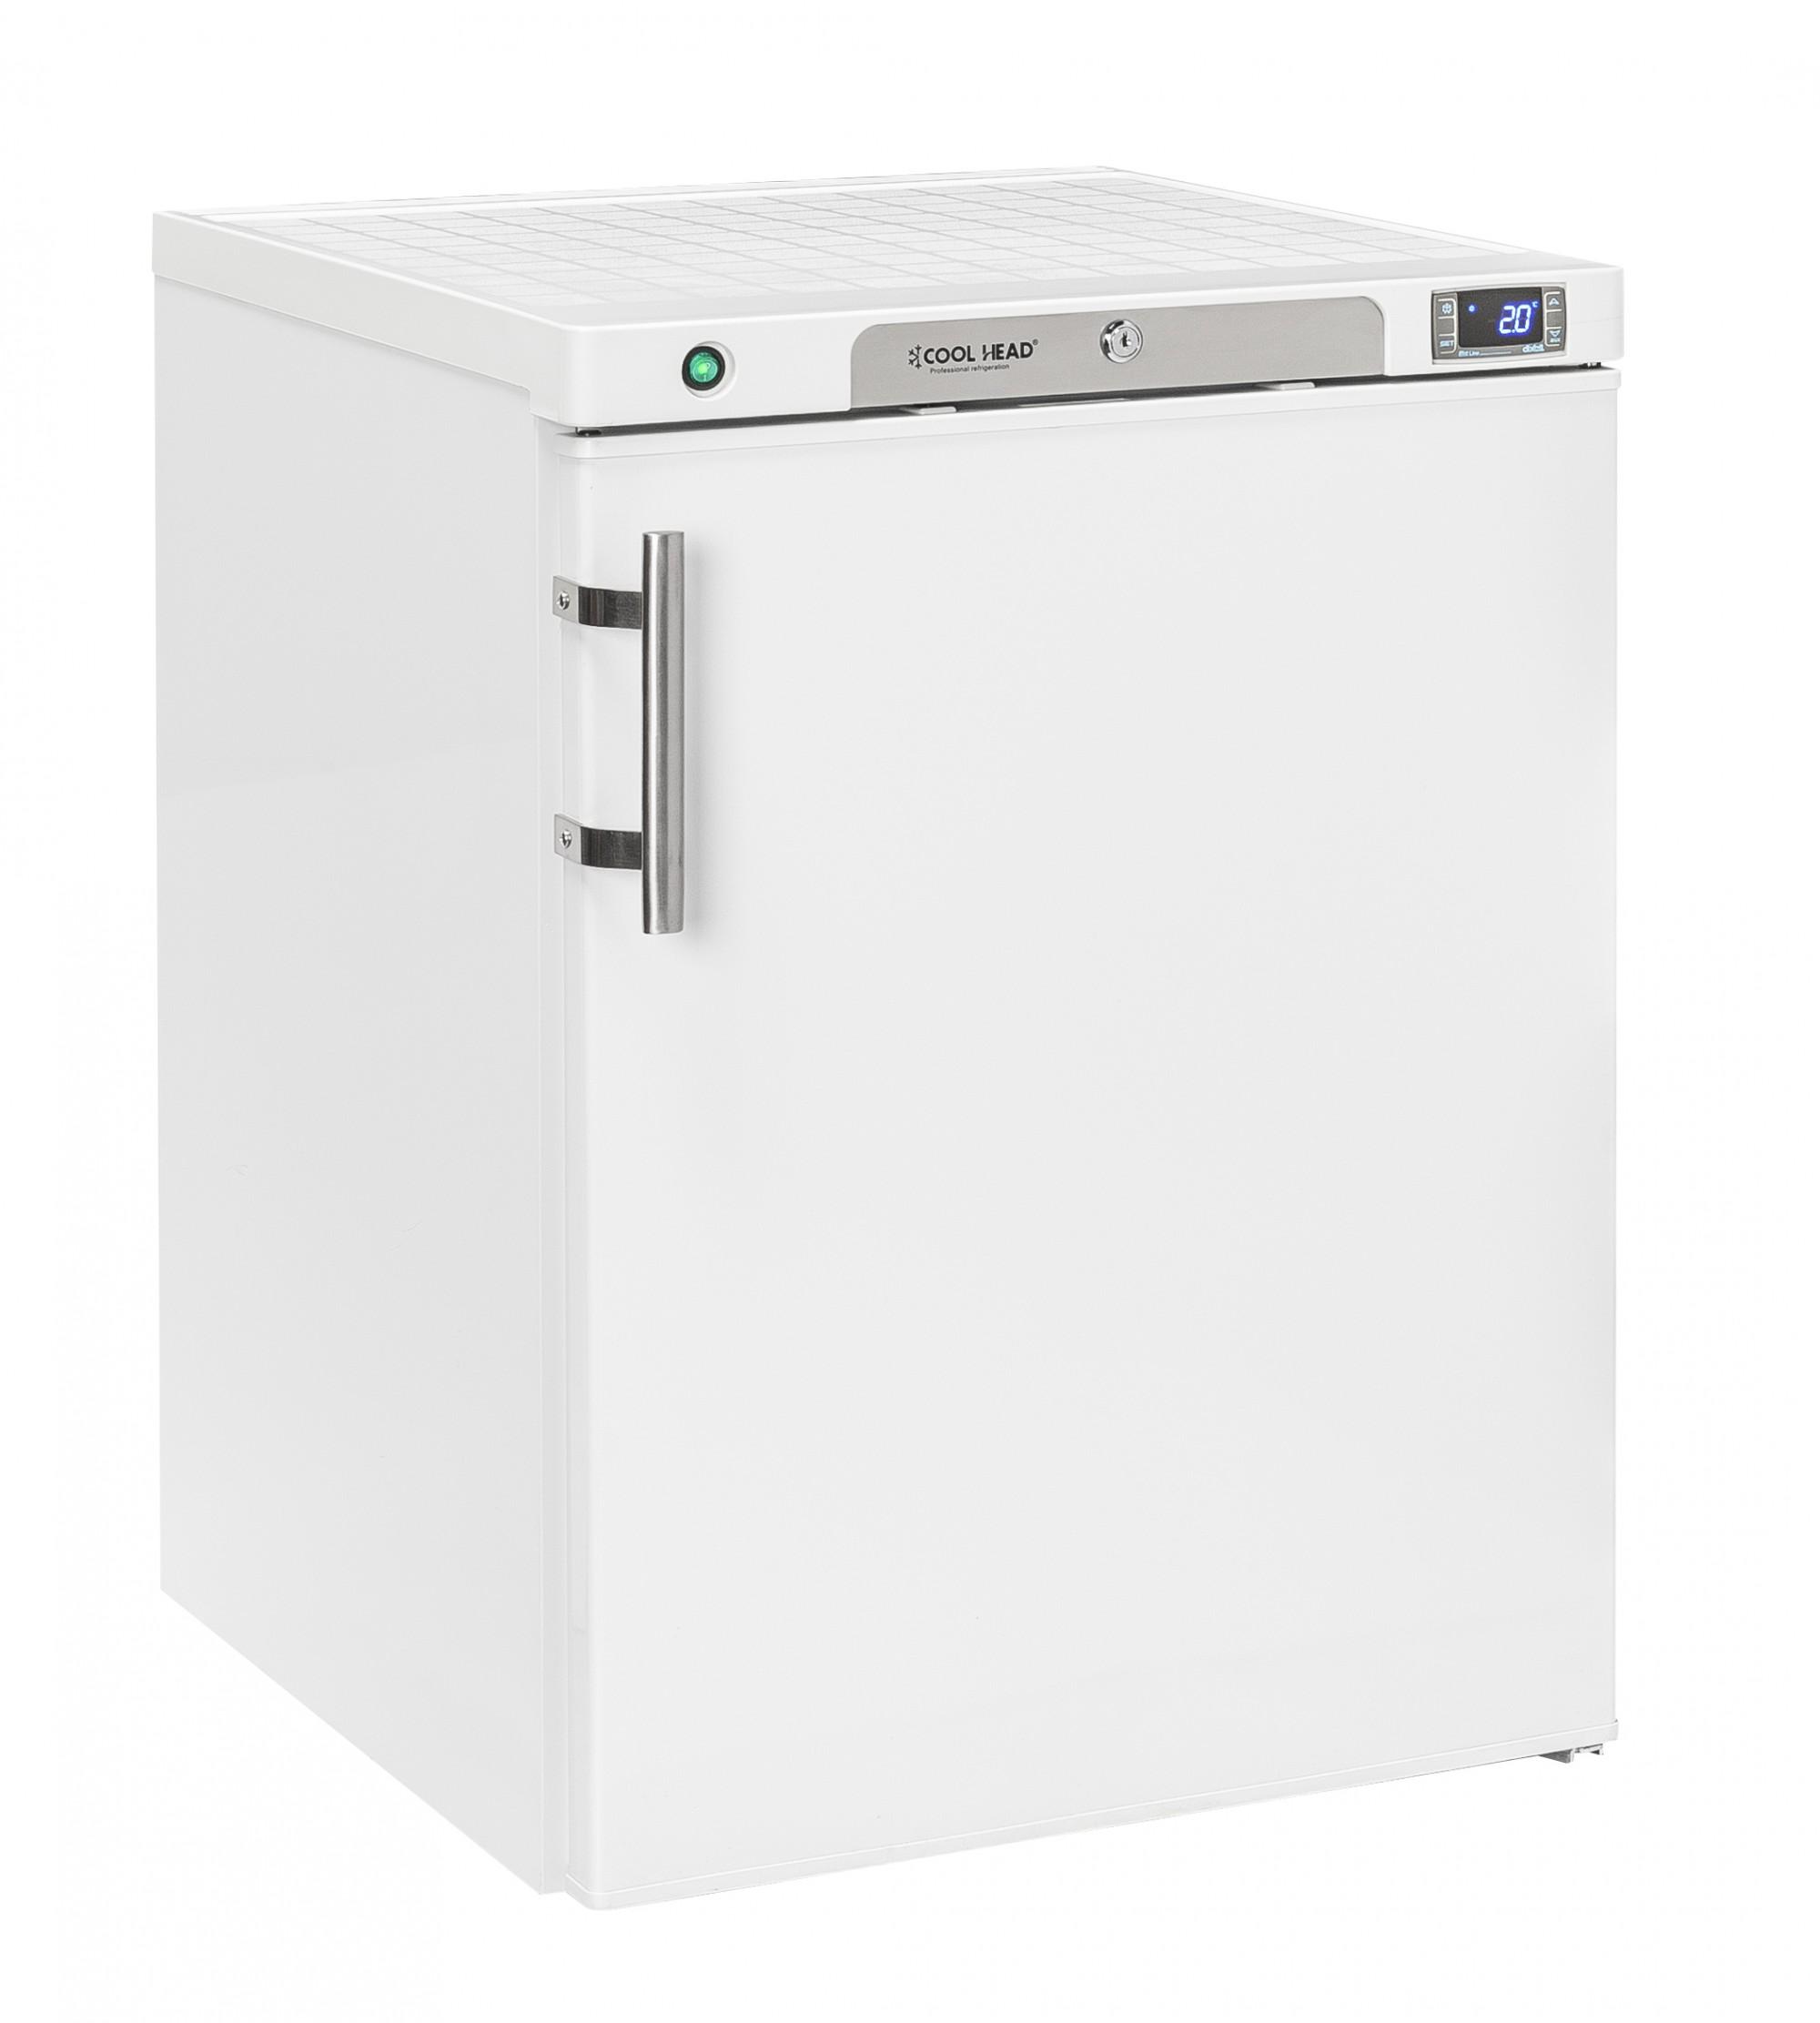 Armadi frigo litri 200 centro arredo for Frigo arredo